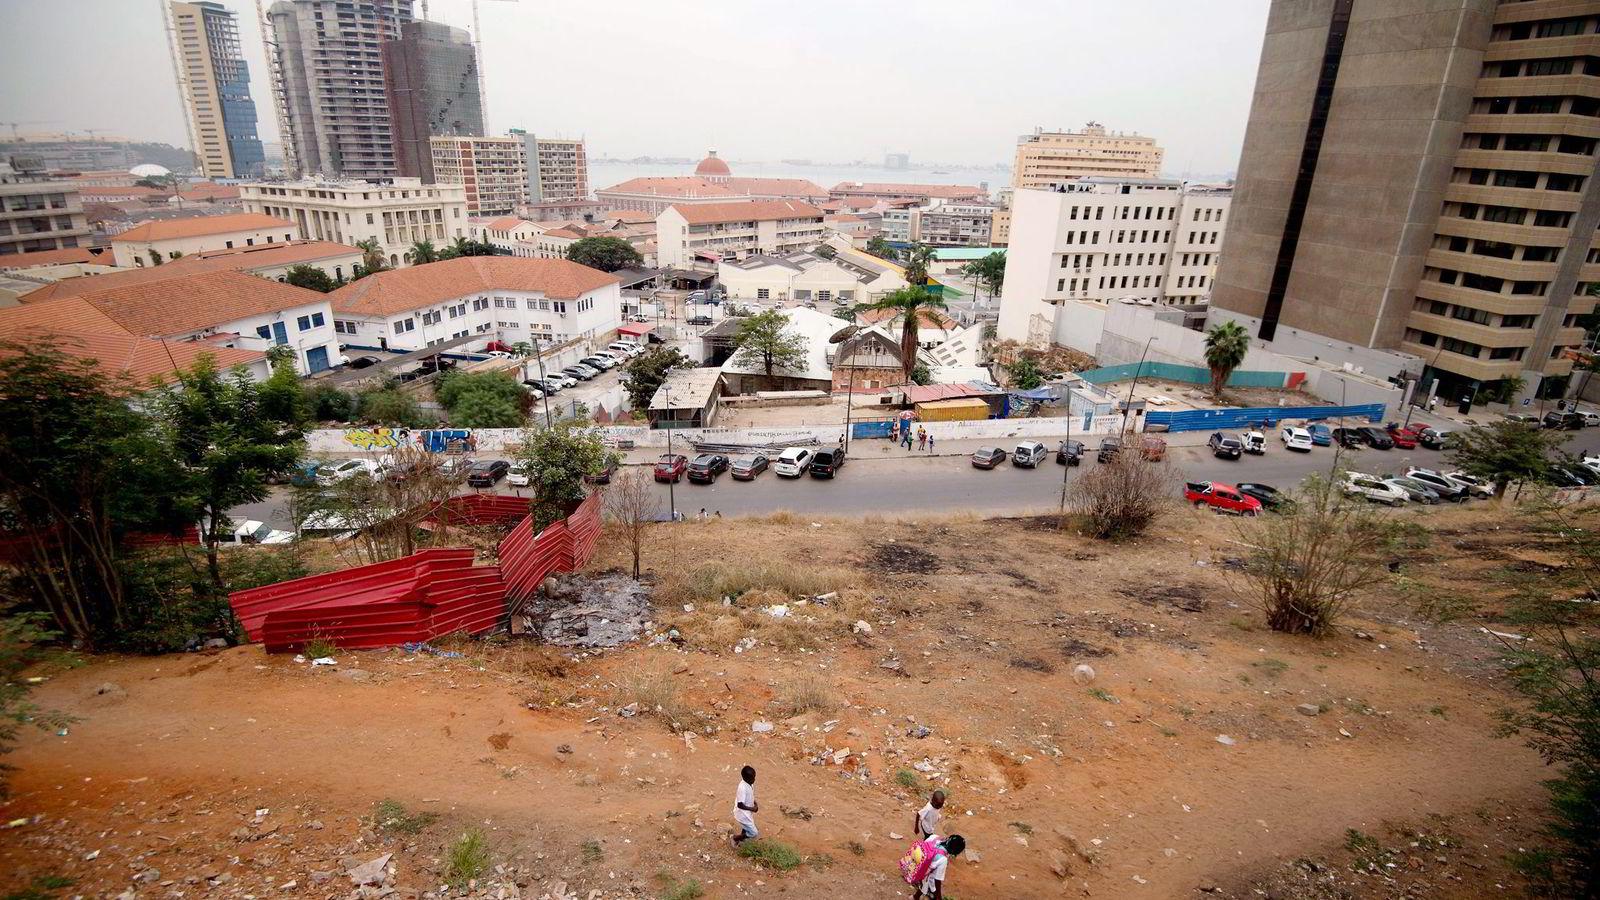 Angola er ett av verdens mest korrupte land. Statoil etterspurte ingen informasjon før det overførte flere hundre millioner kroner. Dette er fra hovedstaden i Luanda. Foto: Alain Jocard, AFP/NTB Scanpix